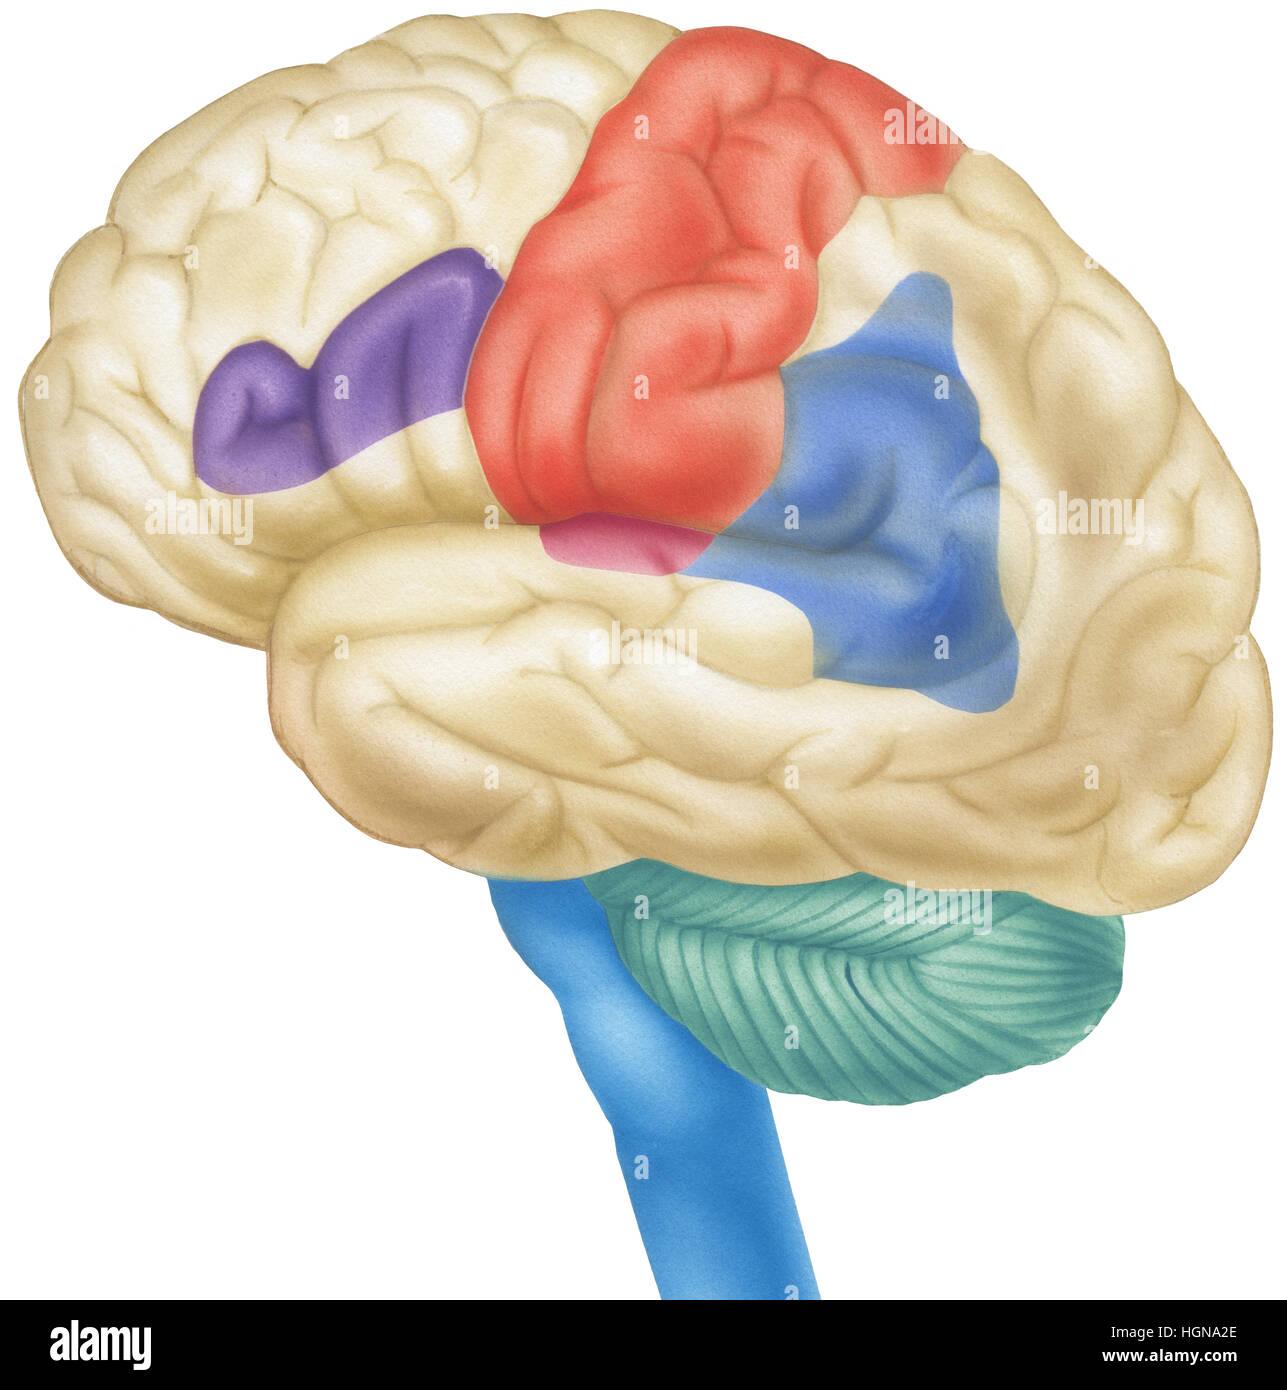 Vue latérale du cerveau humain. Indiqués sont les lobes pariétaux, cortex sensoriel, gyrus angulaire, Photo Stock